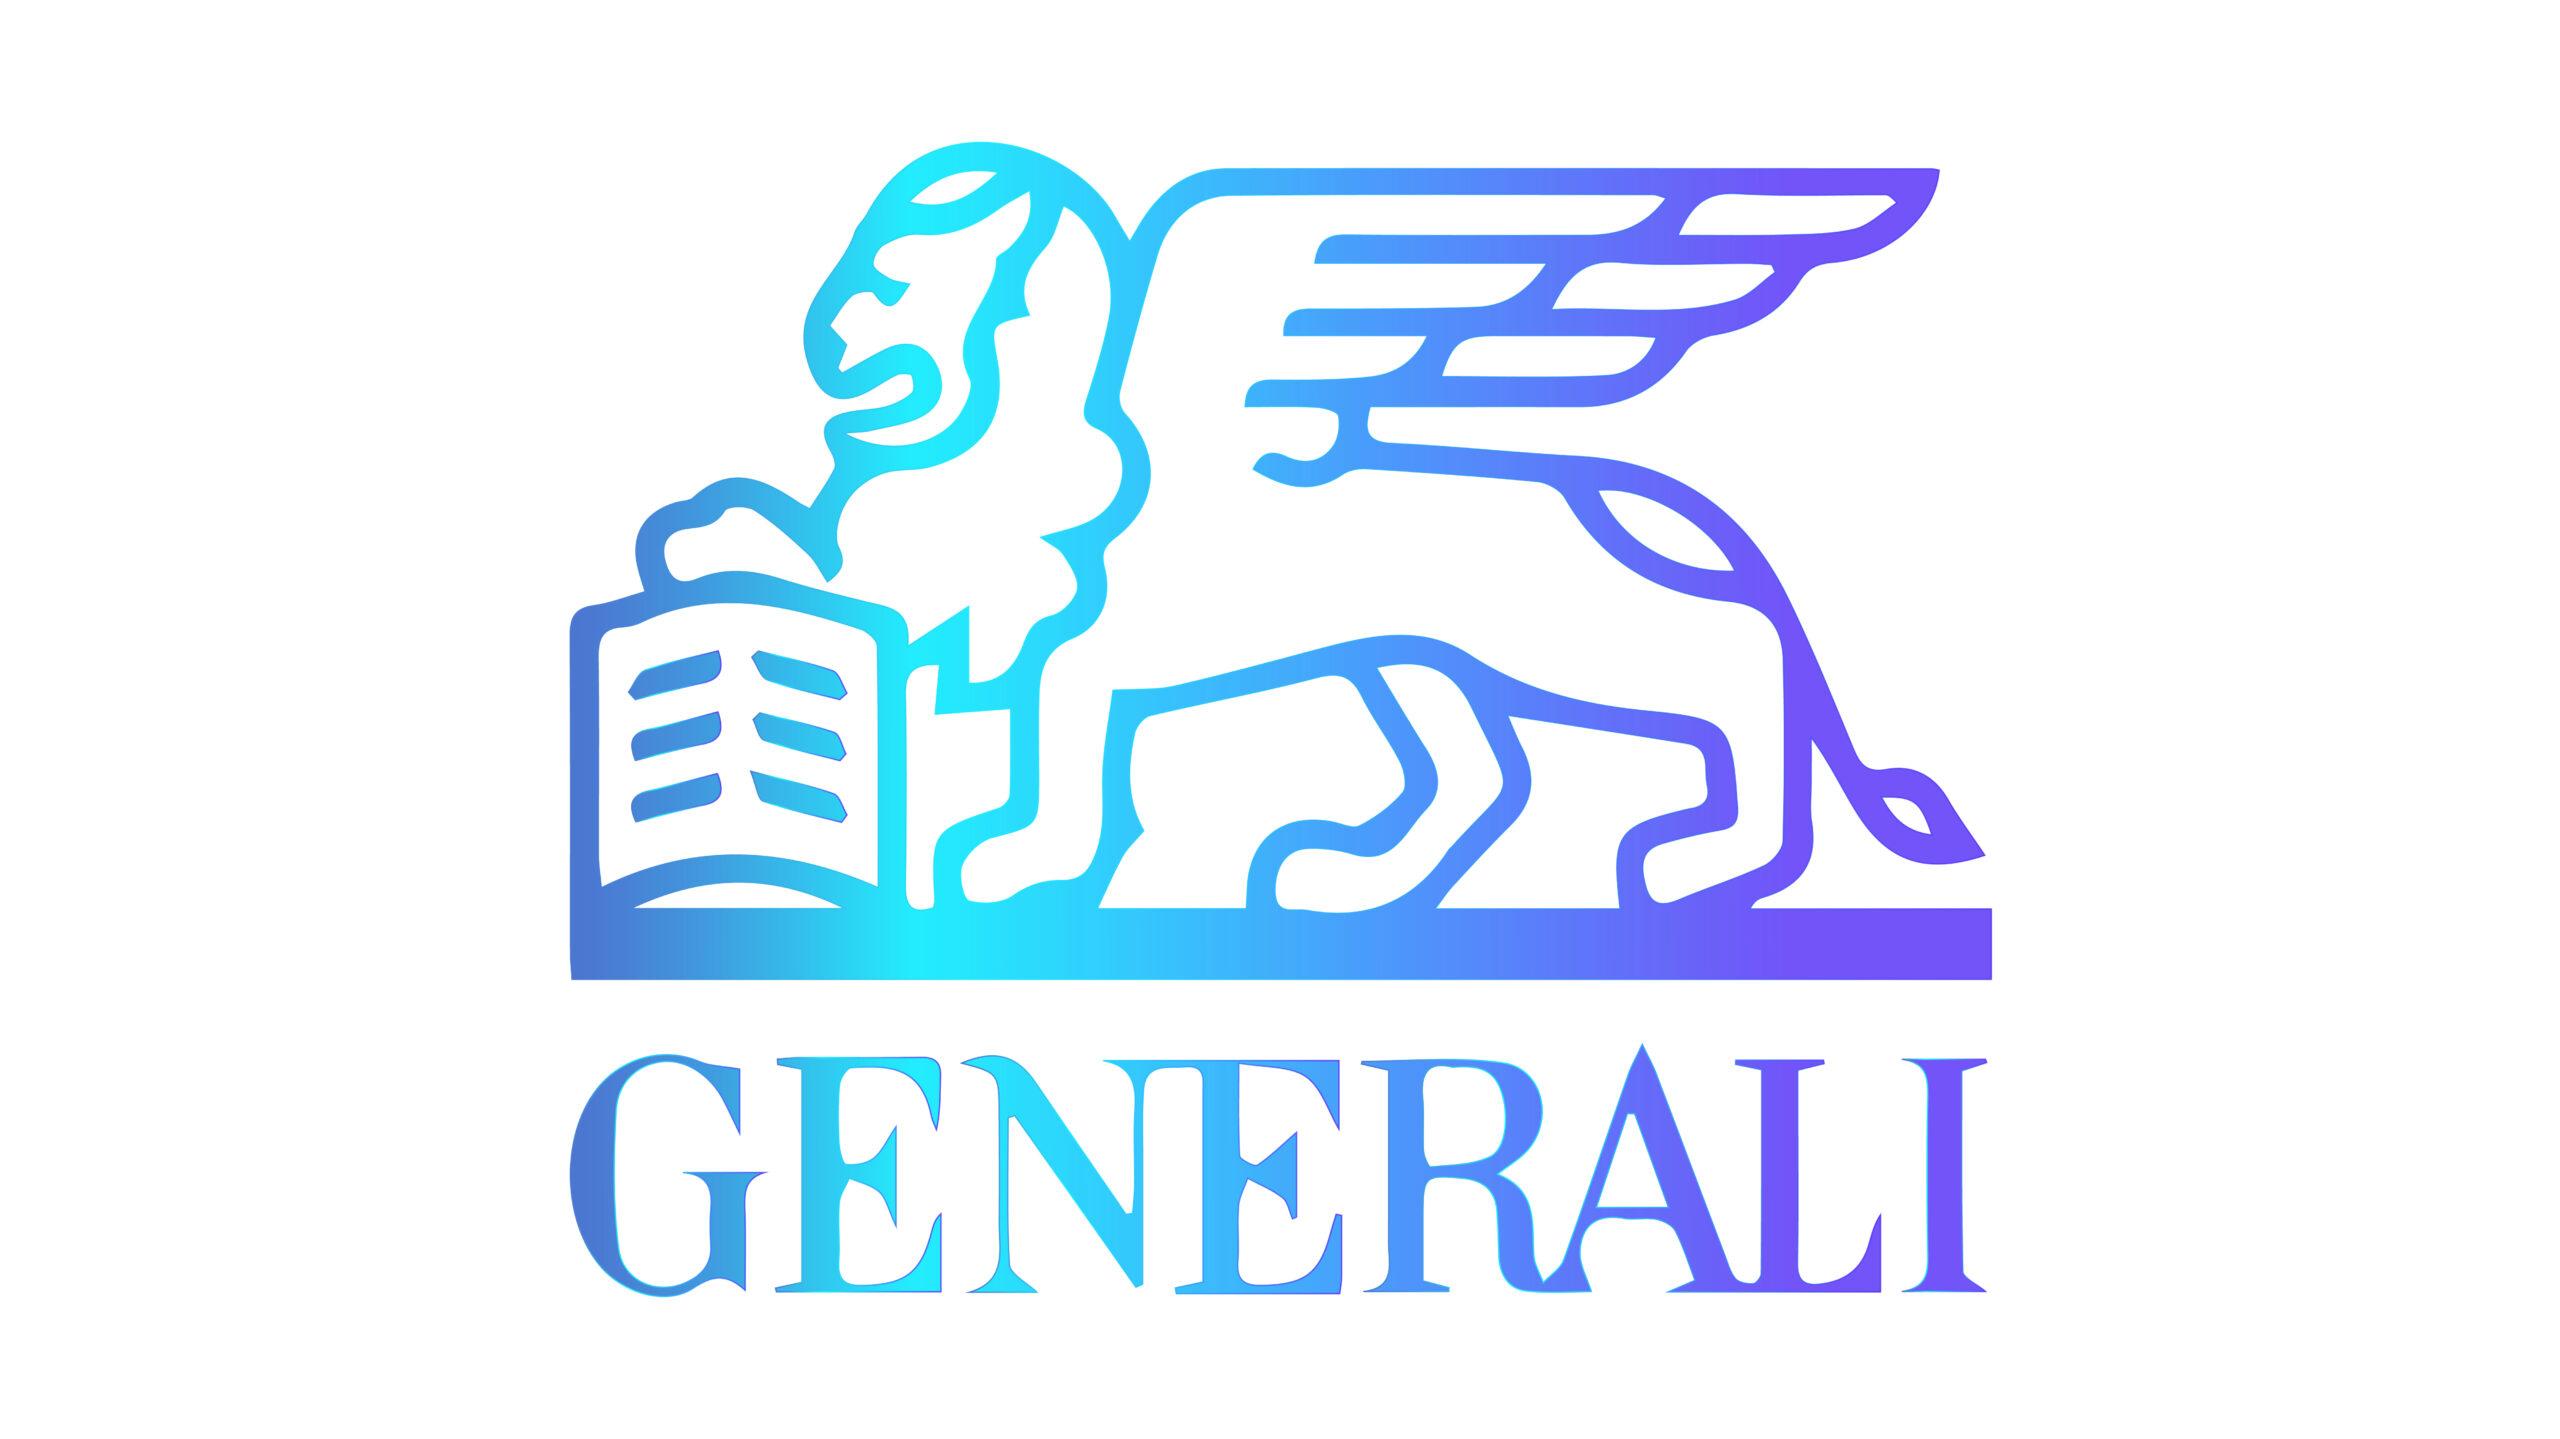 Generali планирует купить российского страховщика